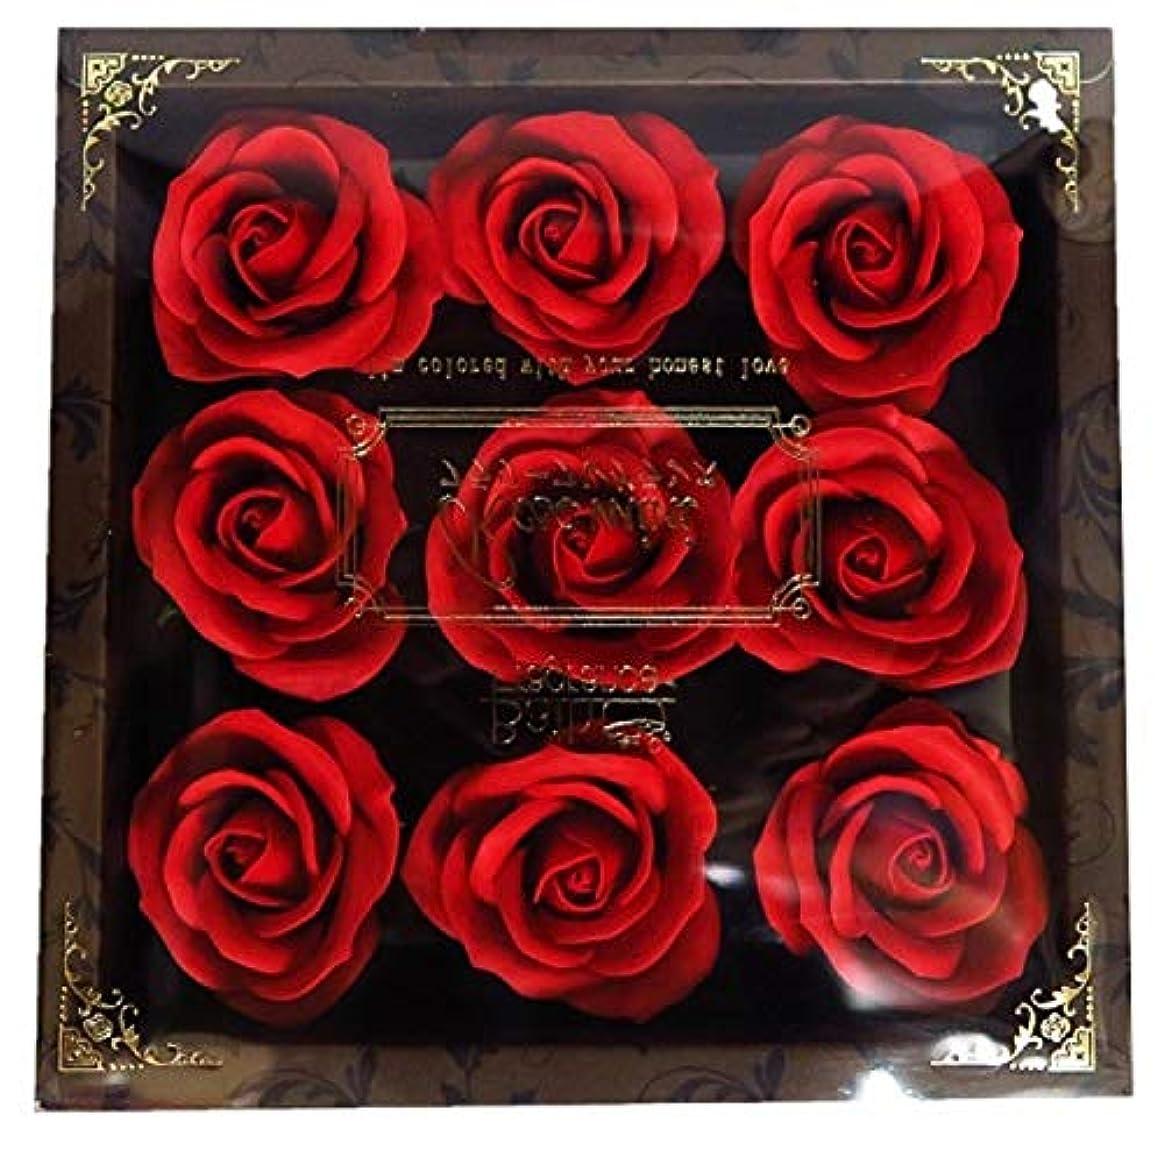 パントリーぶら下がるに向かってバスフレグランス フラワーフレグランス ミニローズフレグランス(L)レッド ギフト お花の形の入浴剤 プレゼント ばら